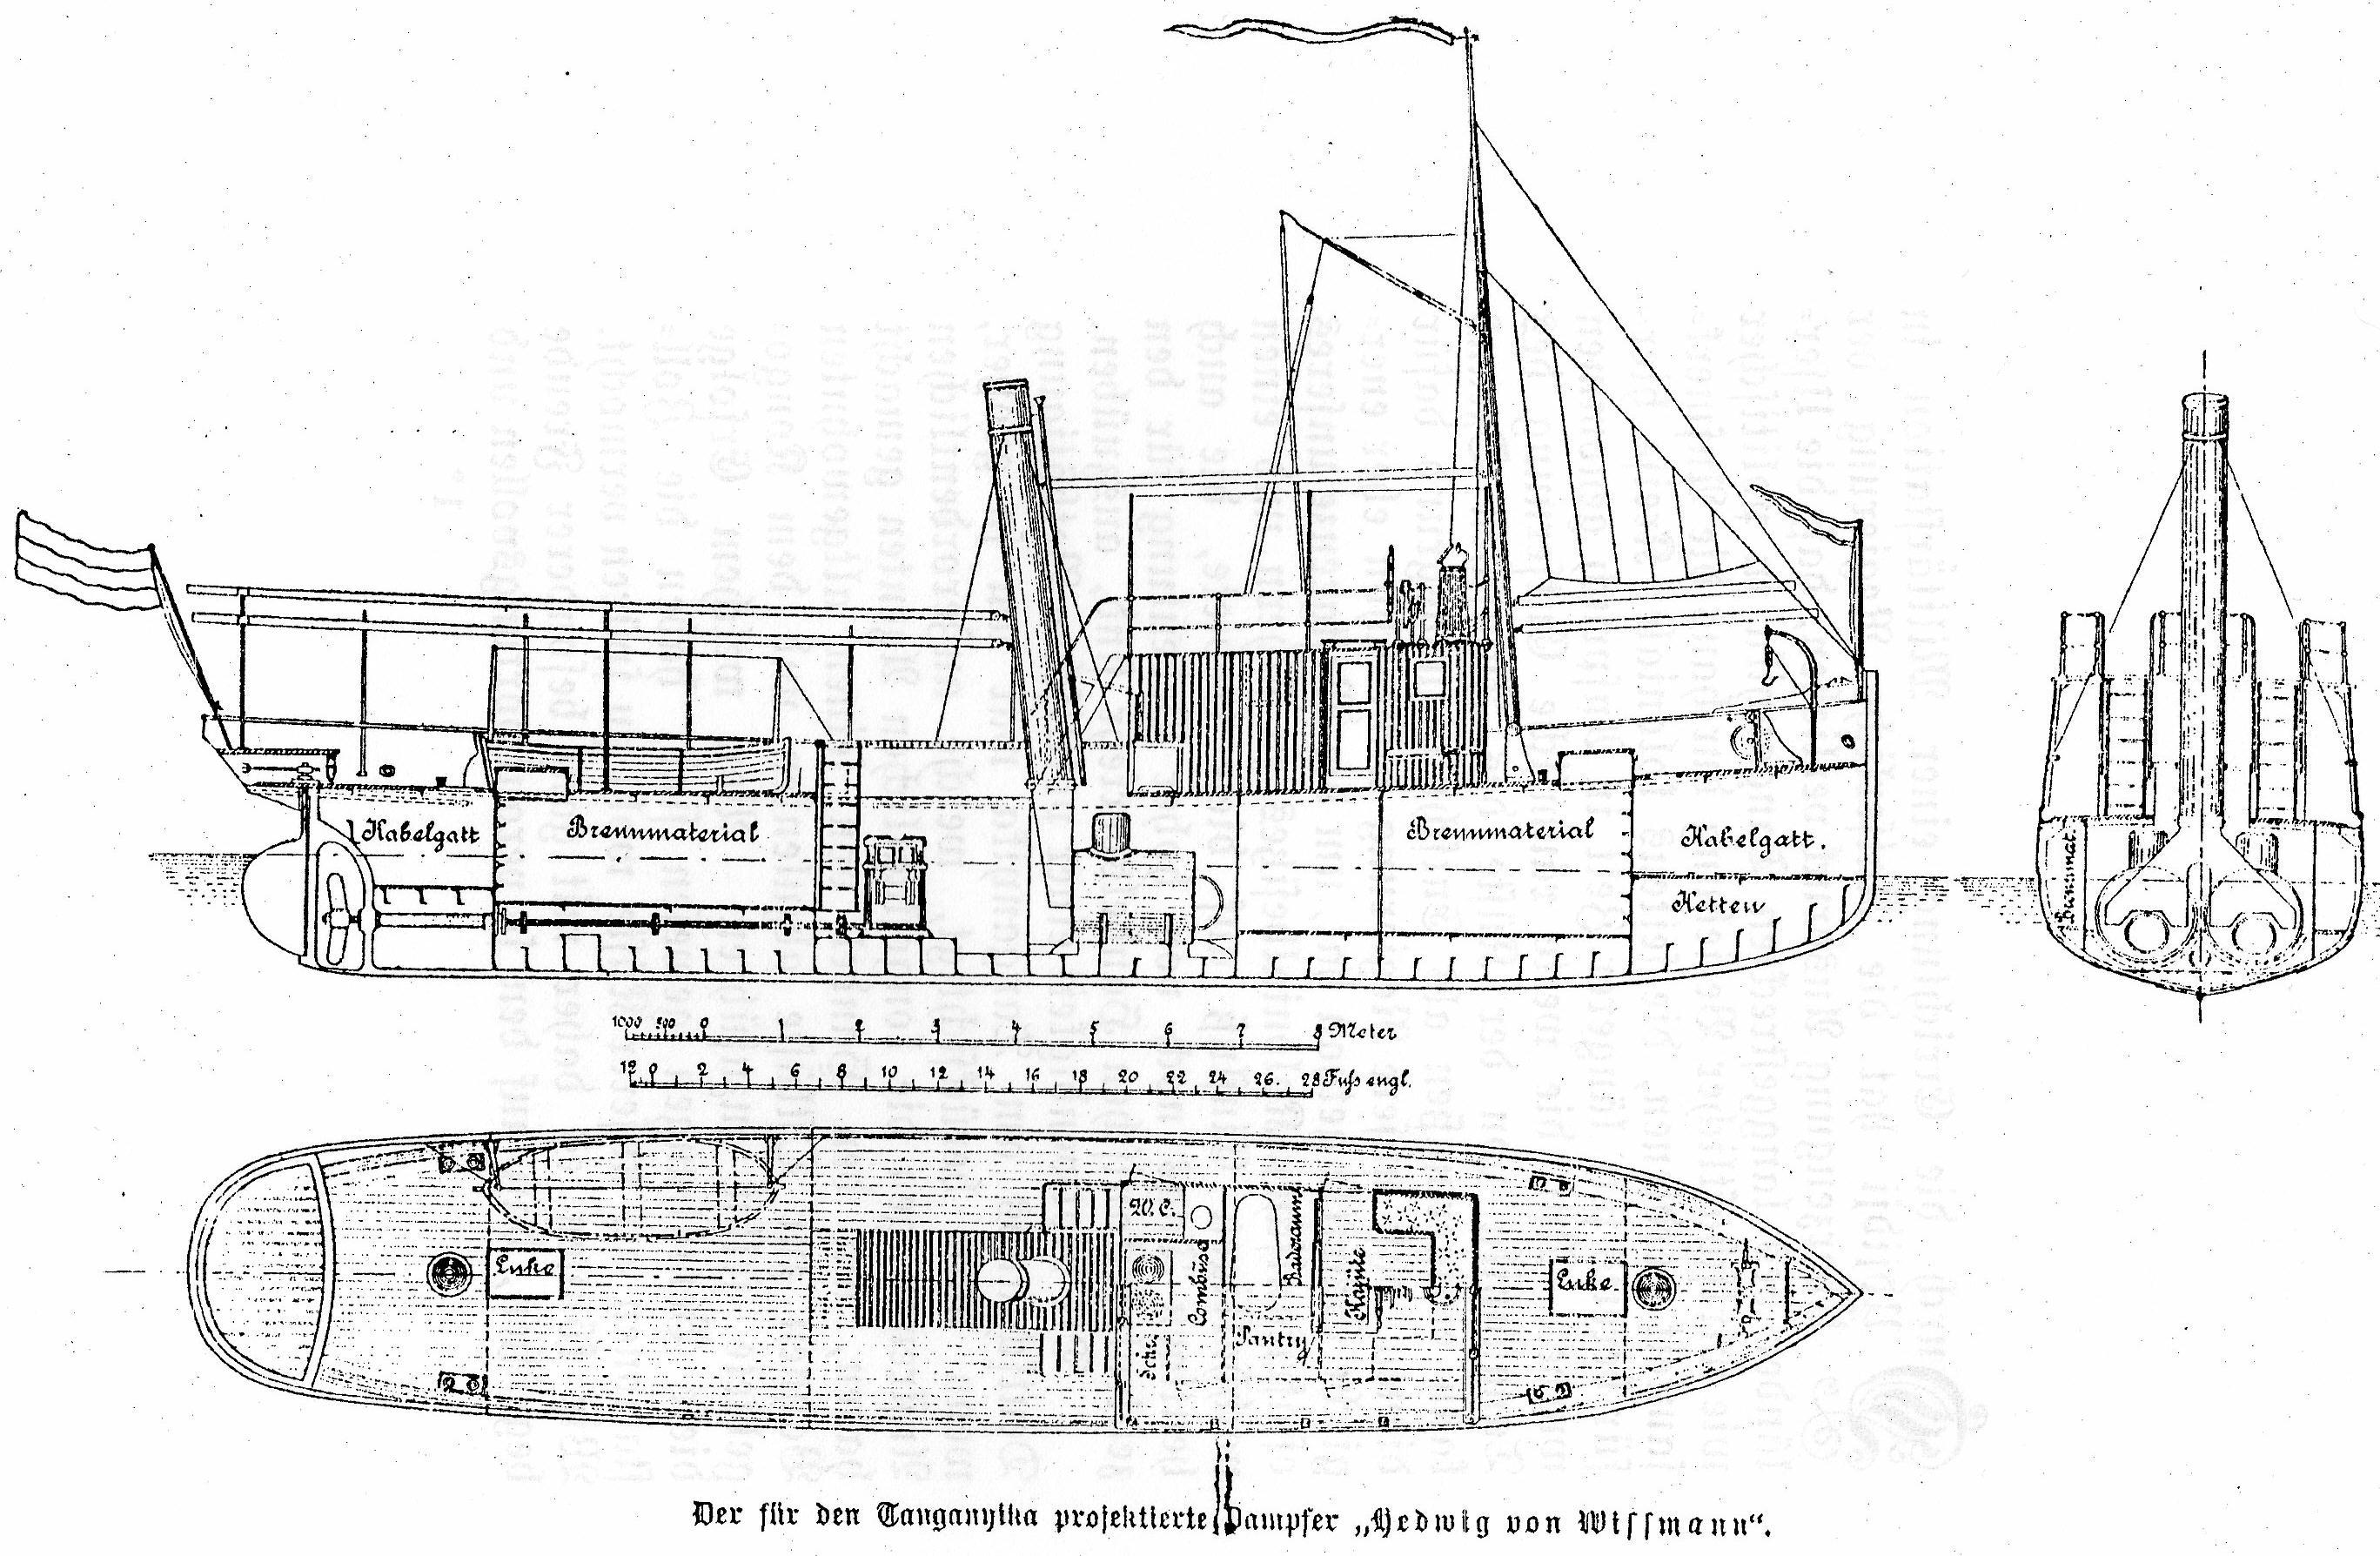 Hedwig Von Wissmann Steamship